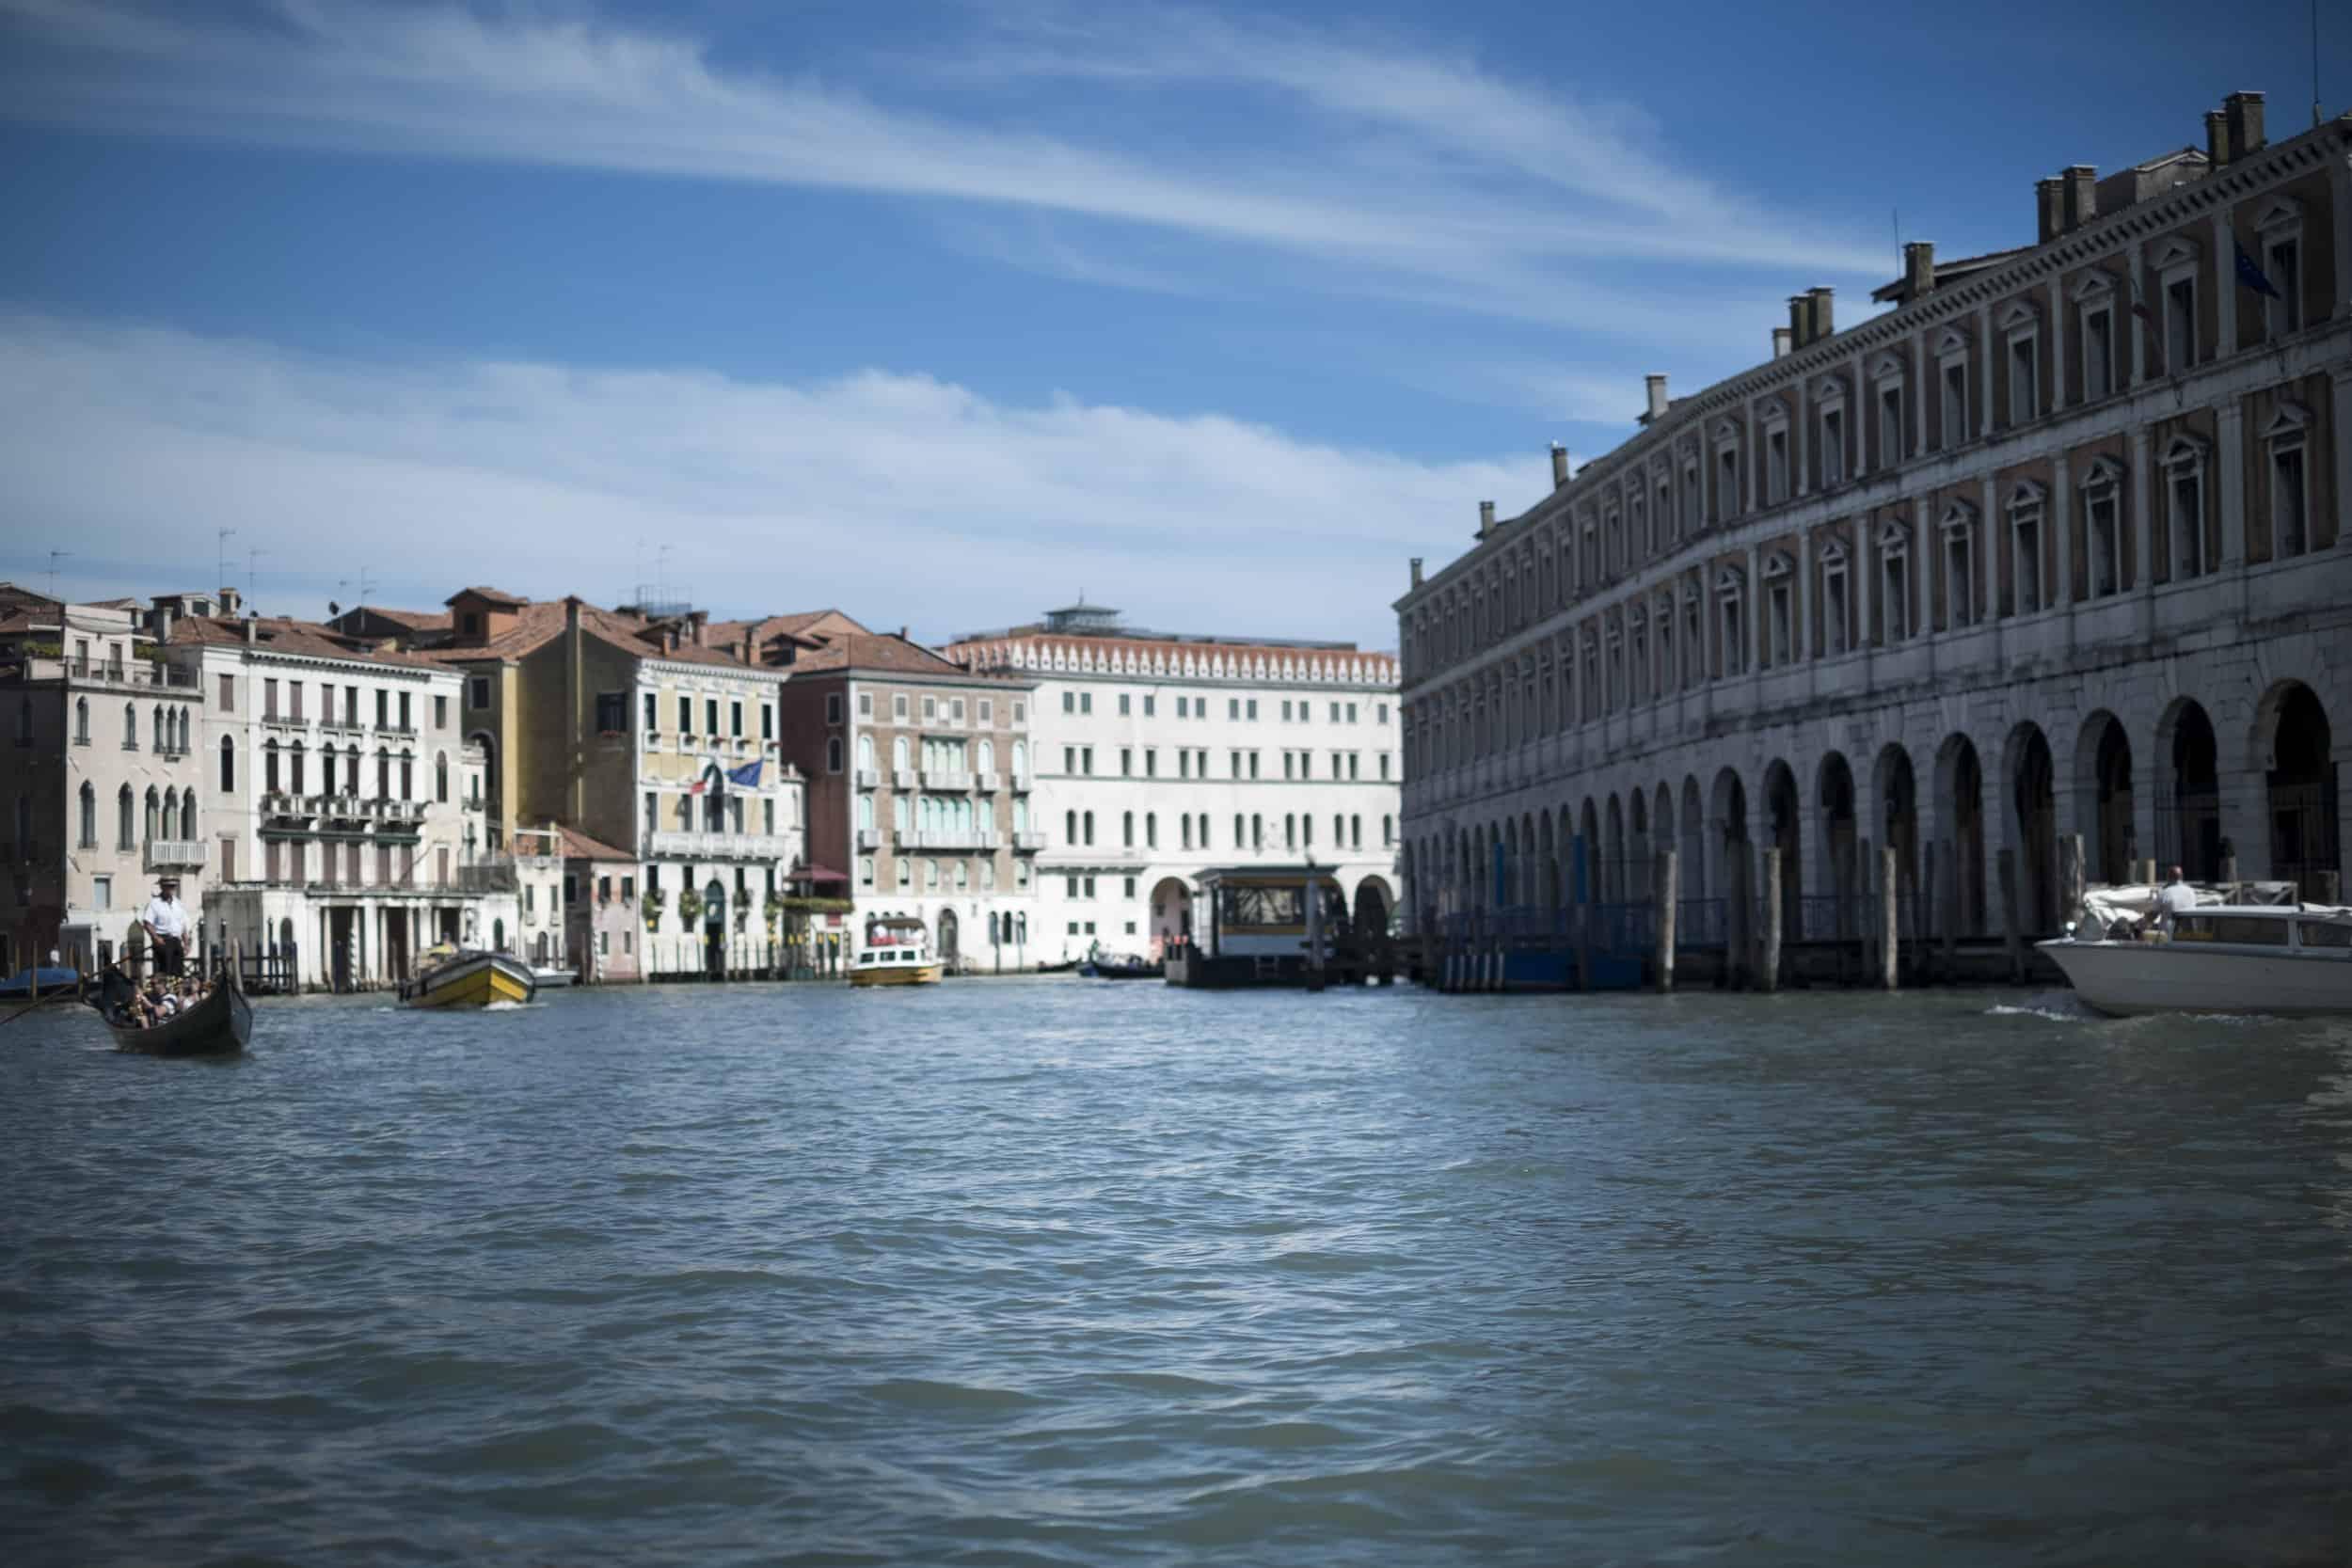 Hotel a Venezia - Offerte Speciali di Hotel a Venezia